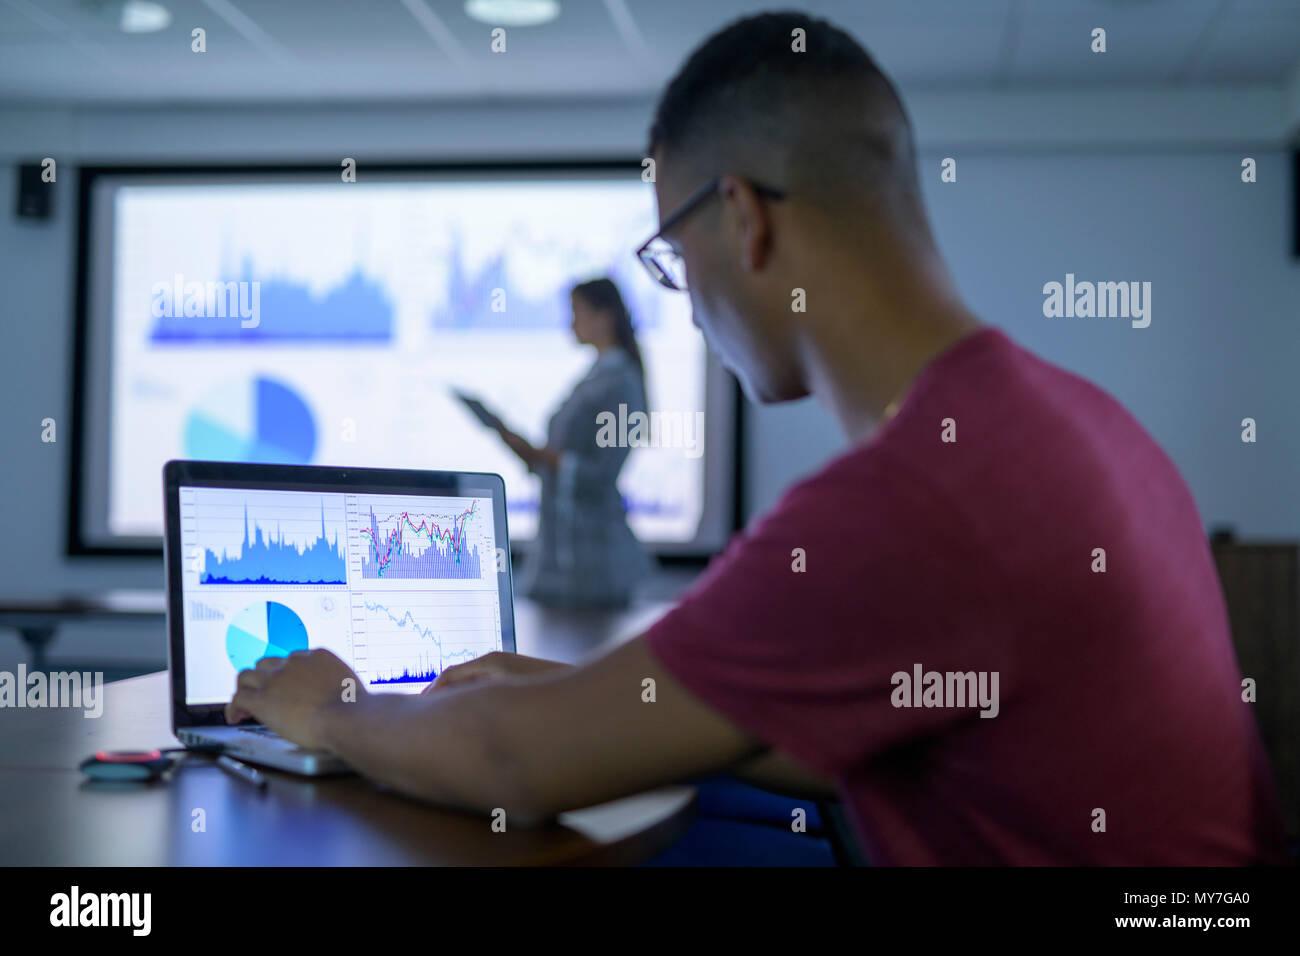 Imprenditore la visualizzazione di grafici e tabelle su laptop nella riunione di affari Immagini Stock